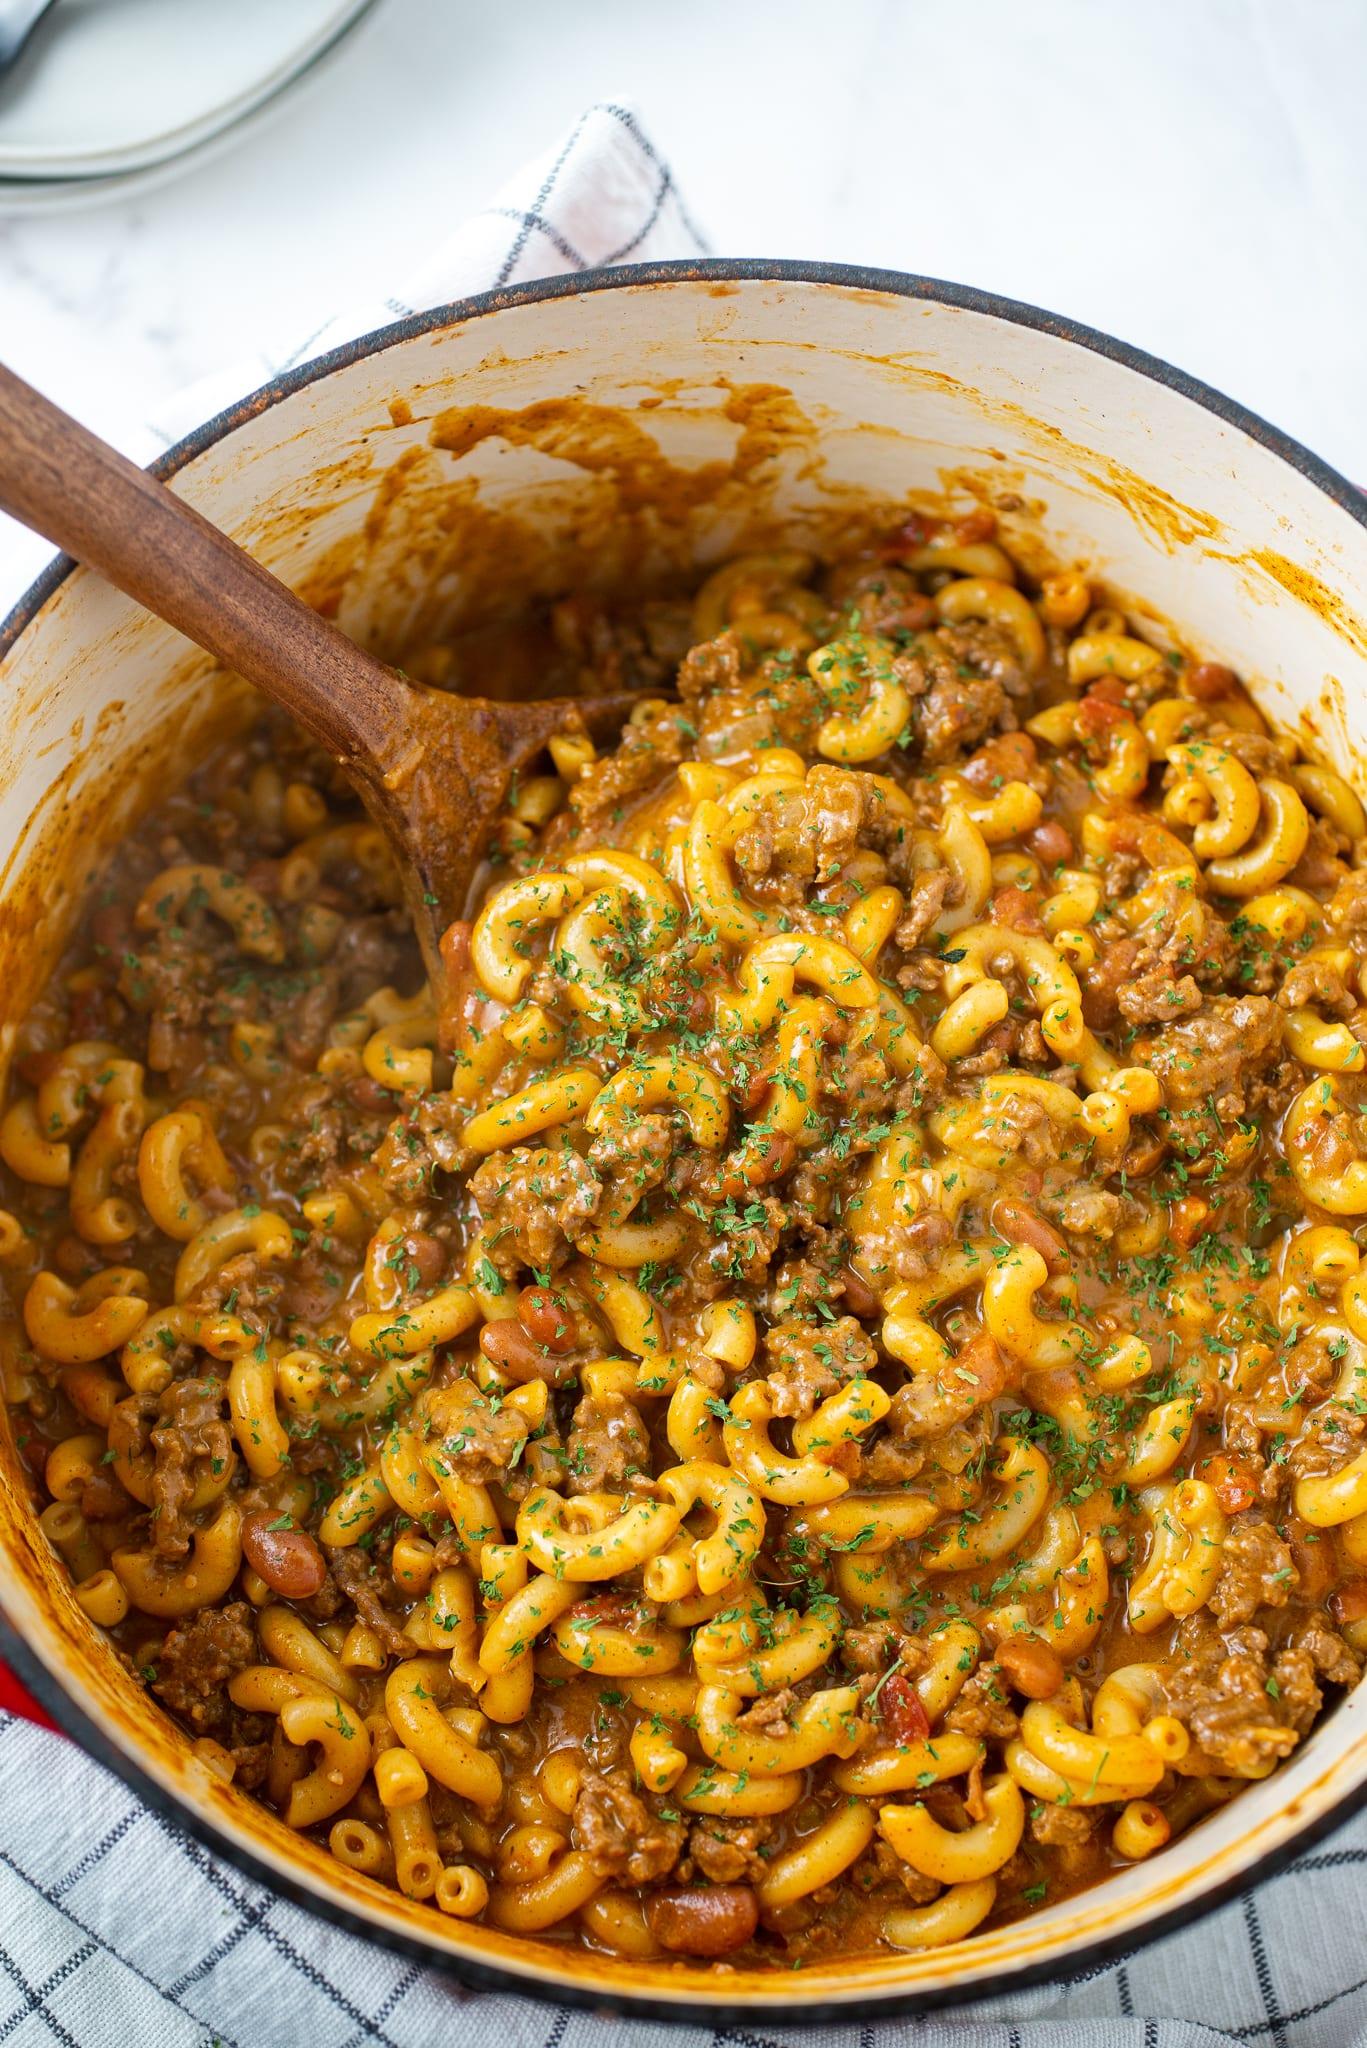 chili-mac-and-cheese-4